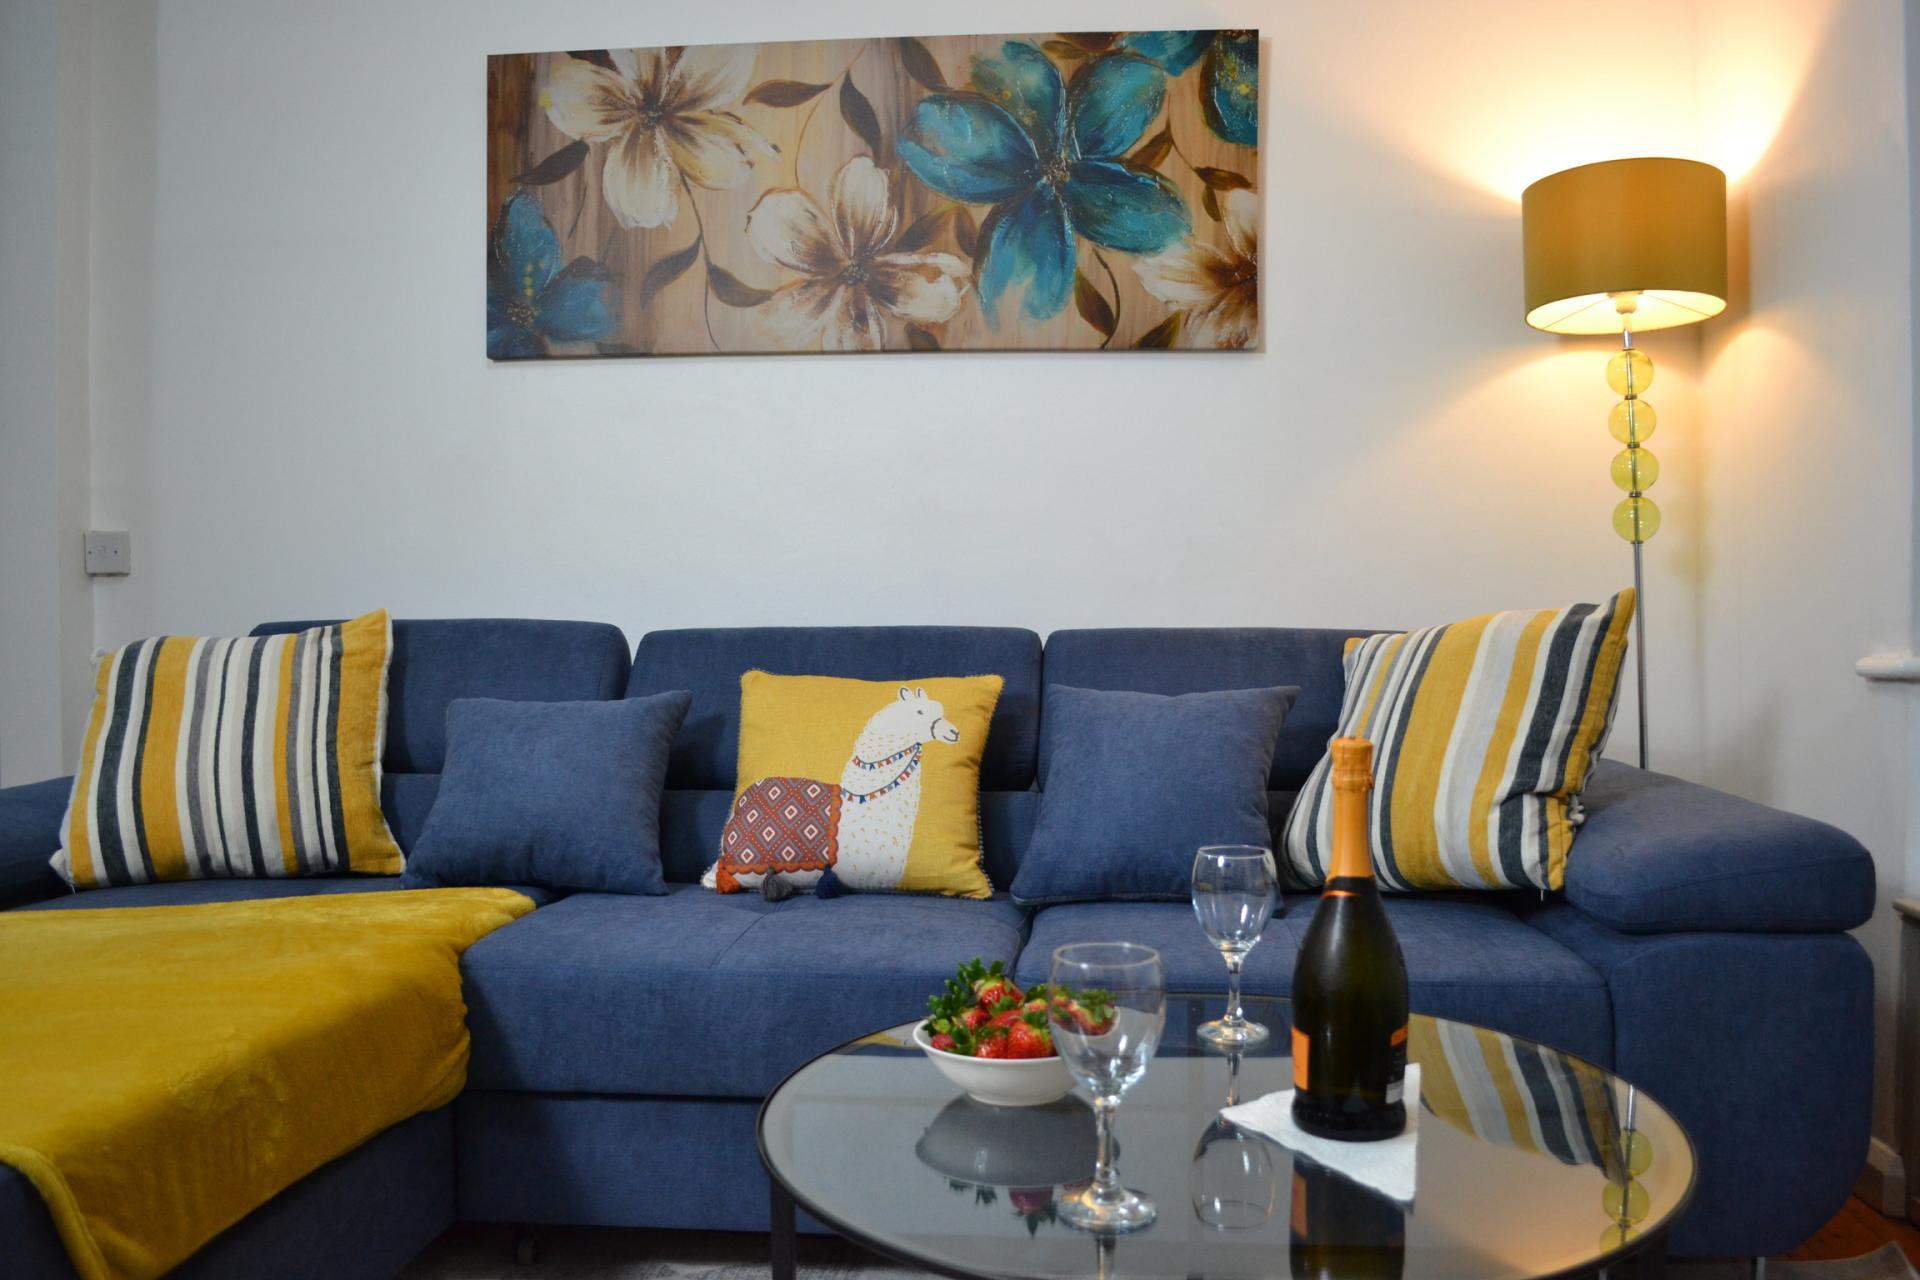 Sofa at Kendal Way Home, Chesterton, Cambridge - Citybase Apartments